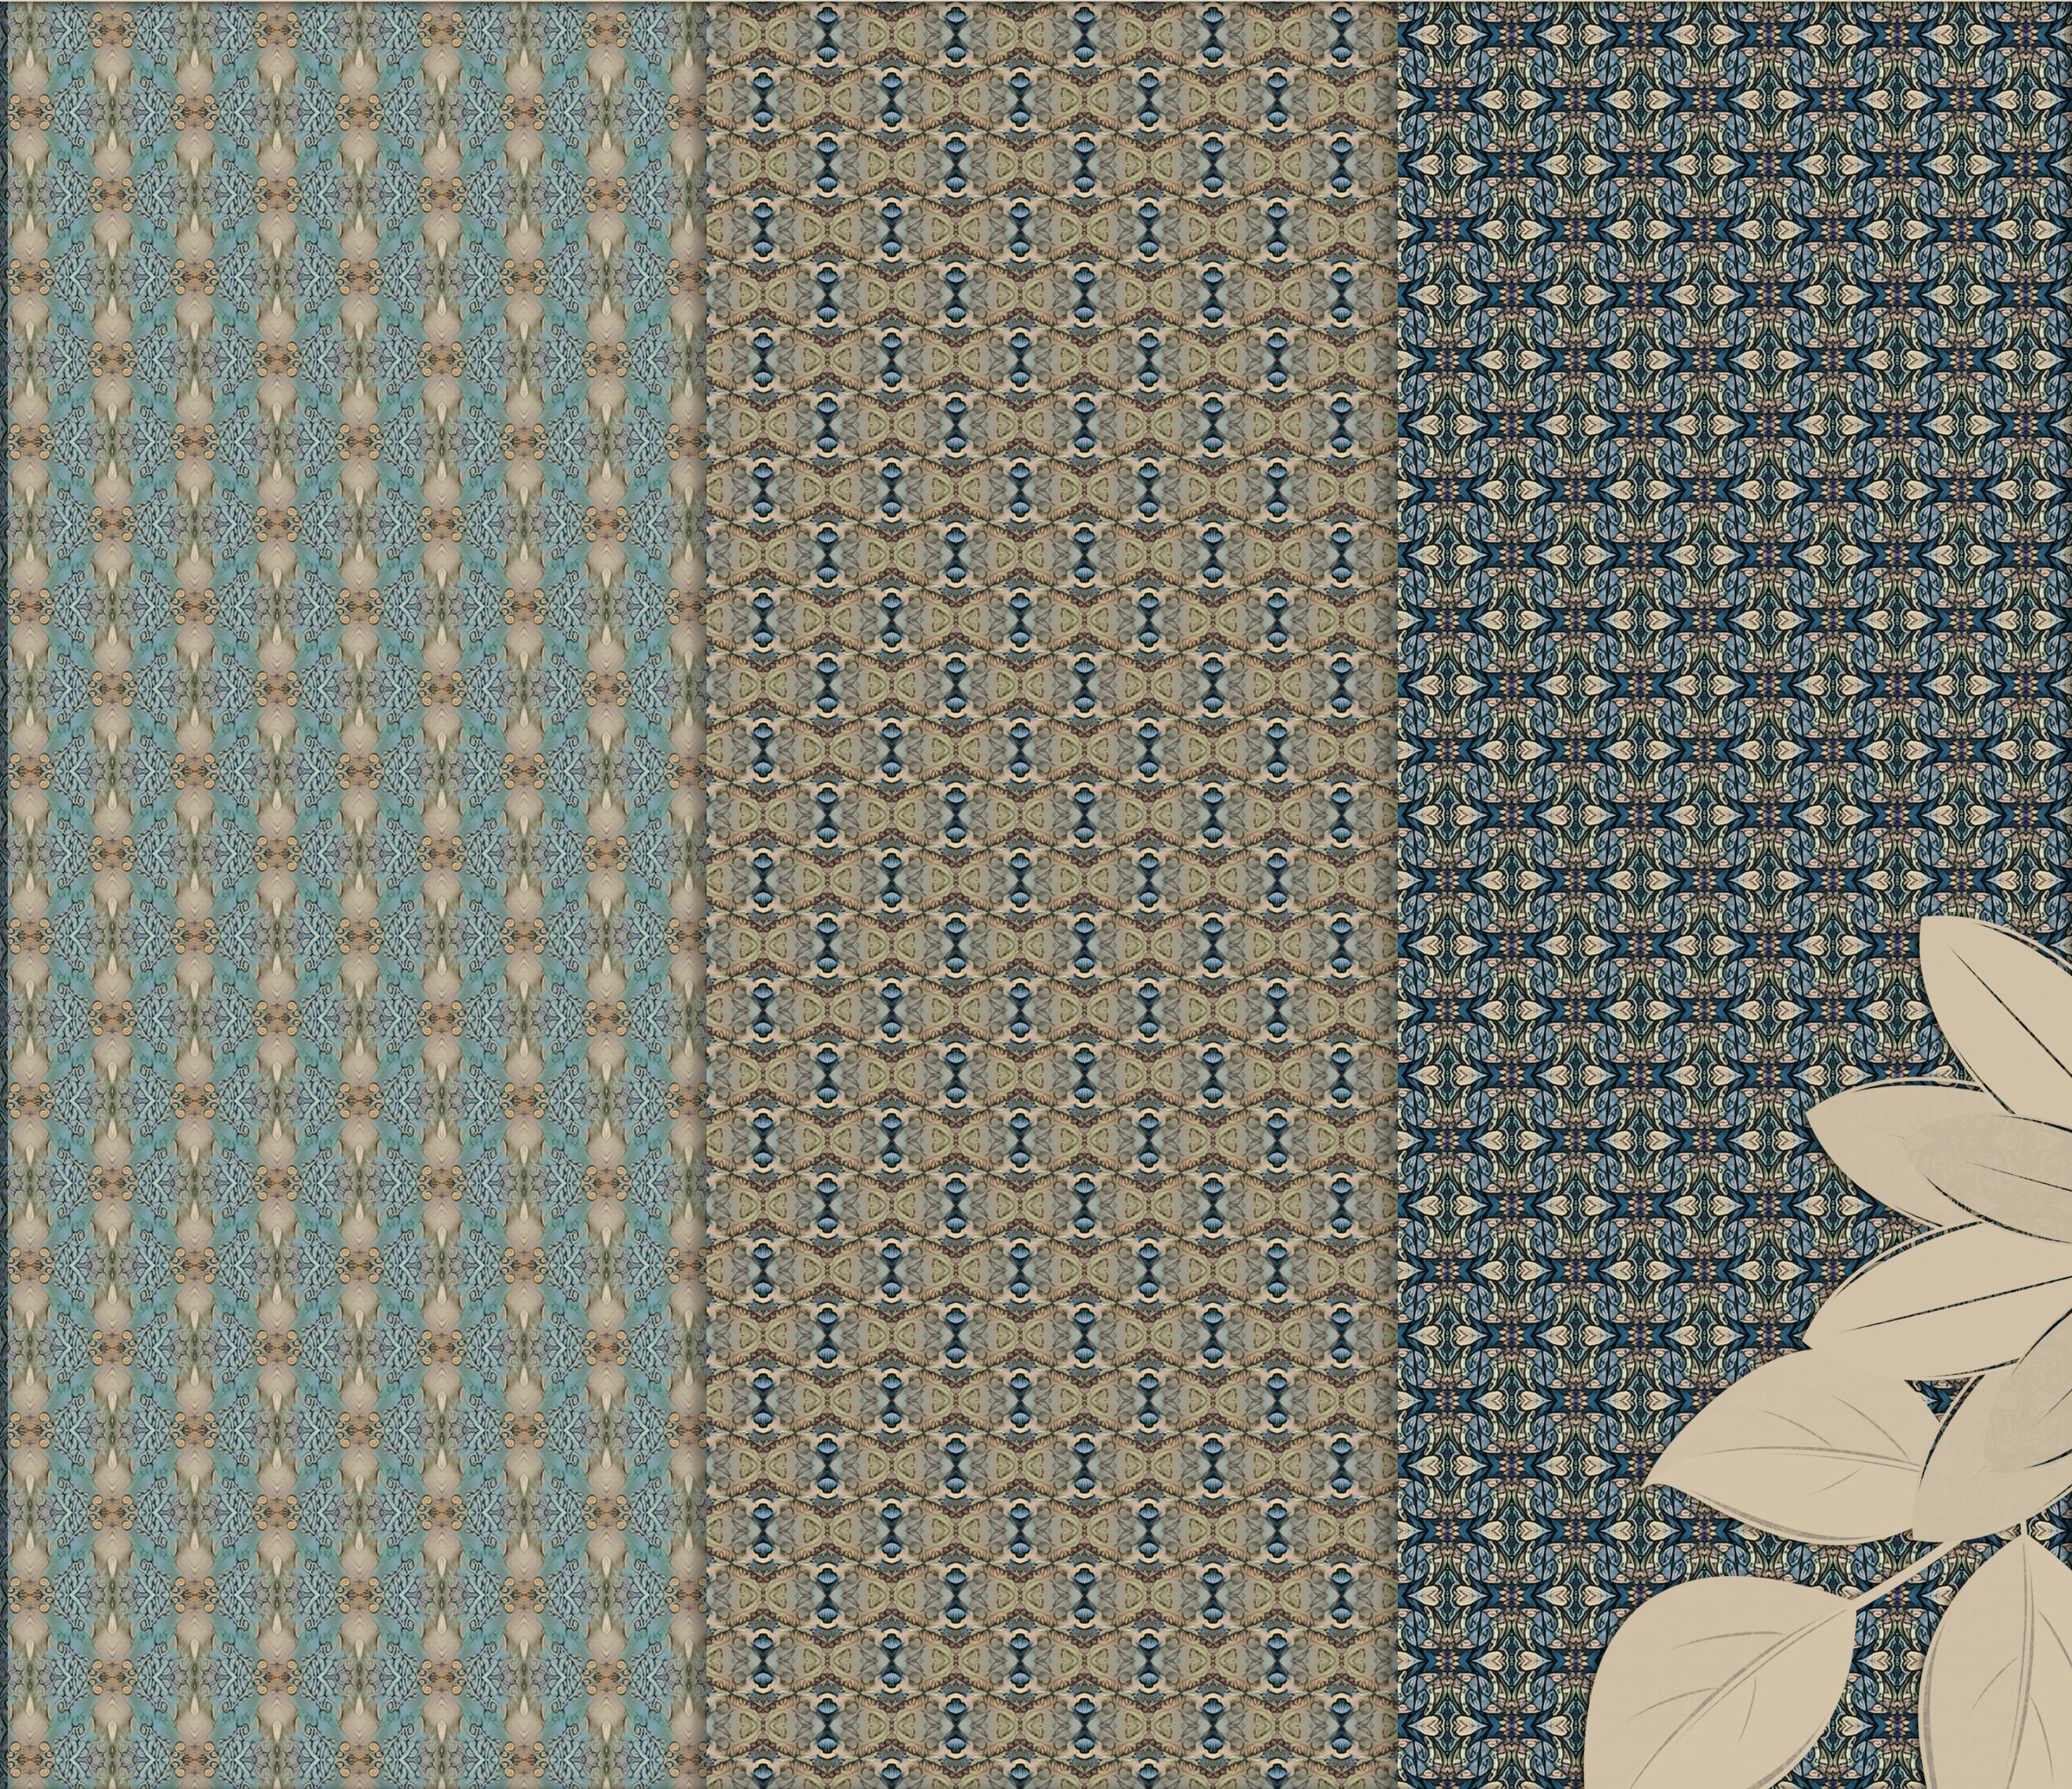 Old vintage blue-beige masculine Scrapbook Paper example image 4